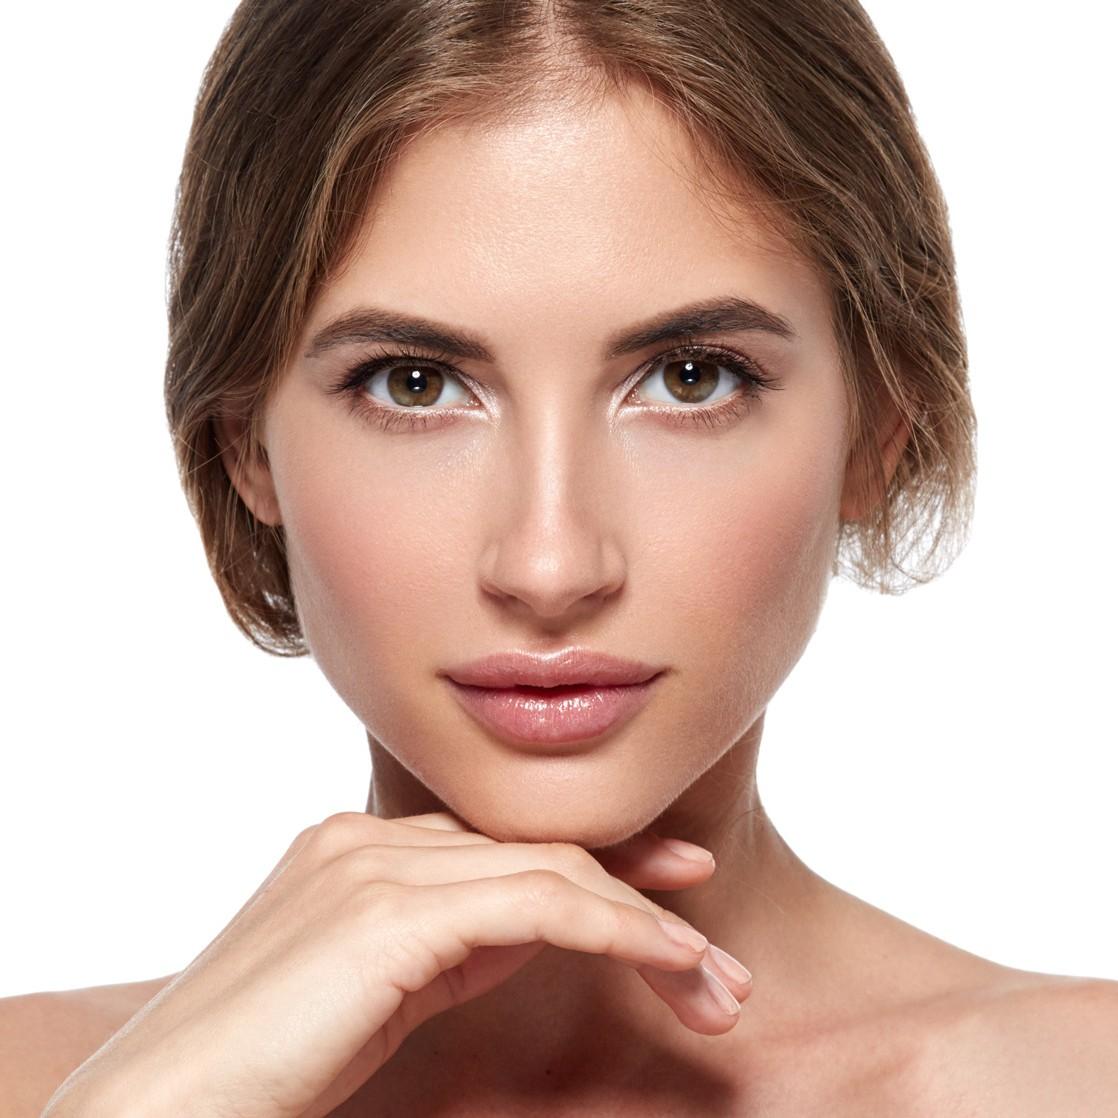 Lippenmodellierung und Lippenvergrößerung